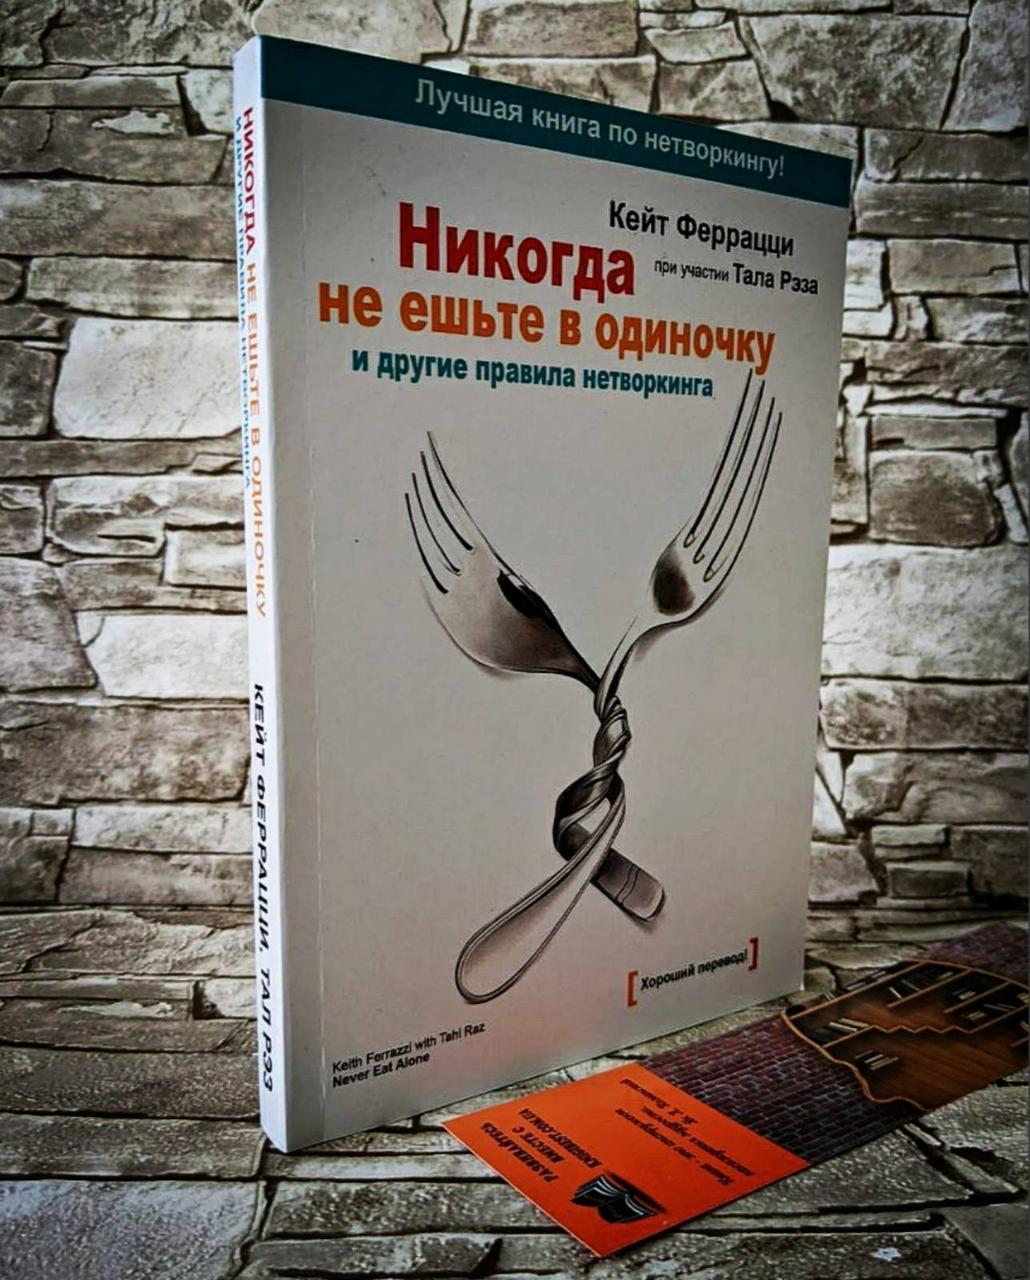 """Книга """"Никогда не ешьте в одиночку и другие правила нетворкинга""""  Тал Рэз, Кейт Феррацци"""